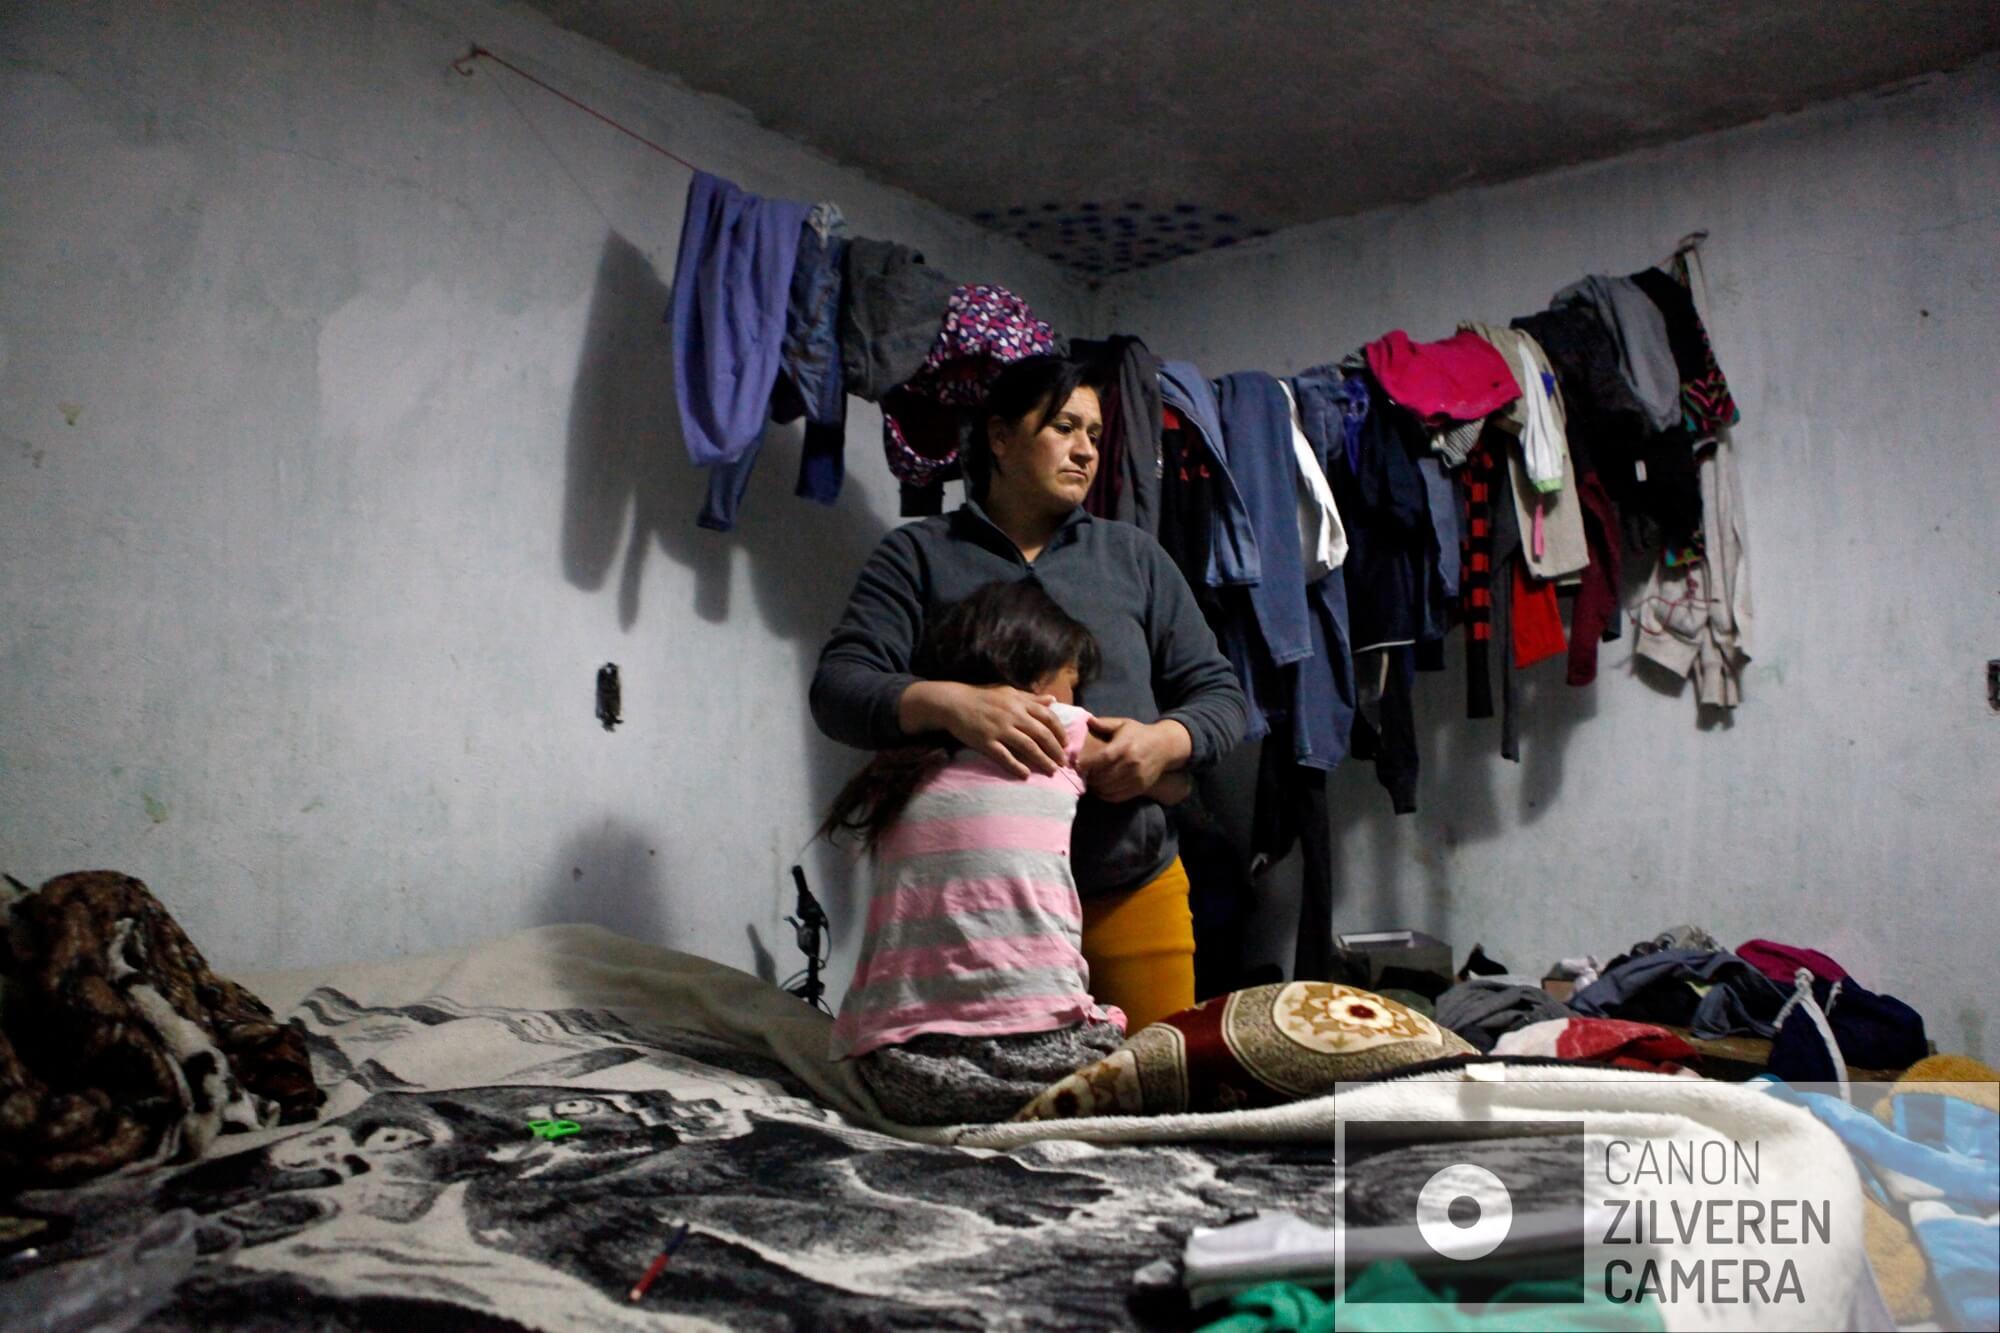 De Staatspolitie is opgeroepen bij een huis waar een jong meisje mentaal is ingestort. Ze is nog jong maar brengt haar hele leven in totale eenzaamheid door. Haar moeder moet practisch elke dag in de fabriek werken om de eindjes aan elkaar te knopen in de ghetto. Moeder probeert haar dochter te troosten.